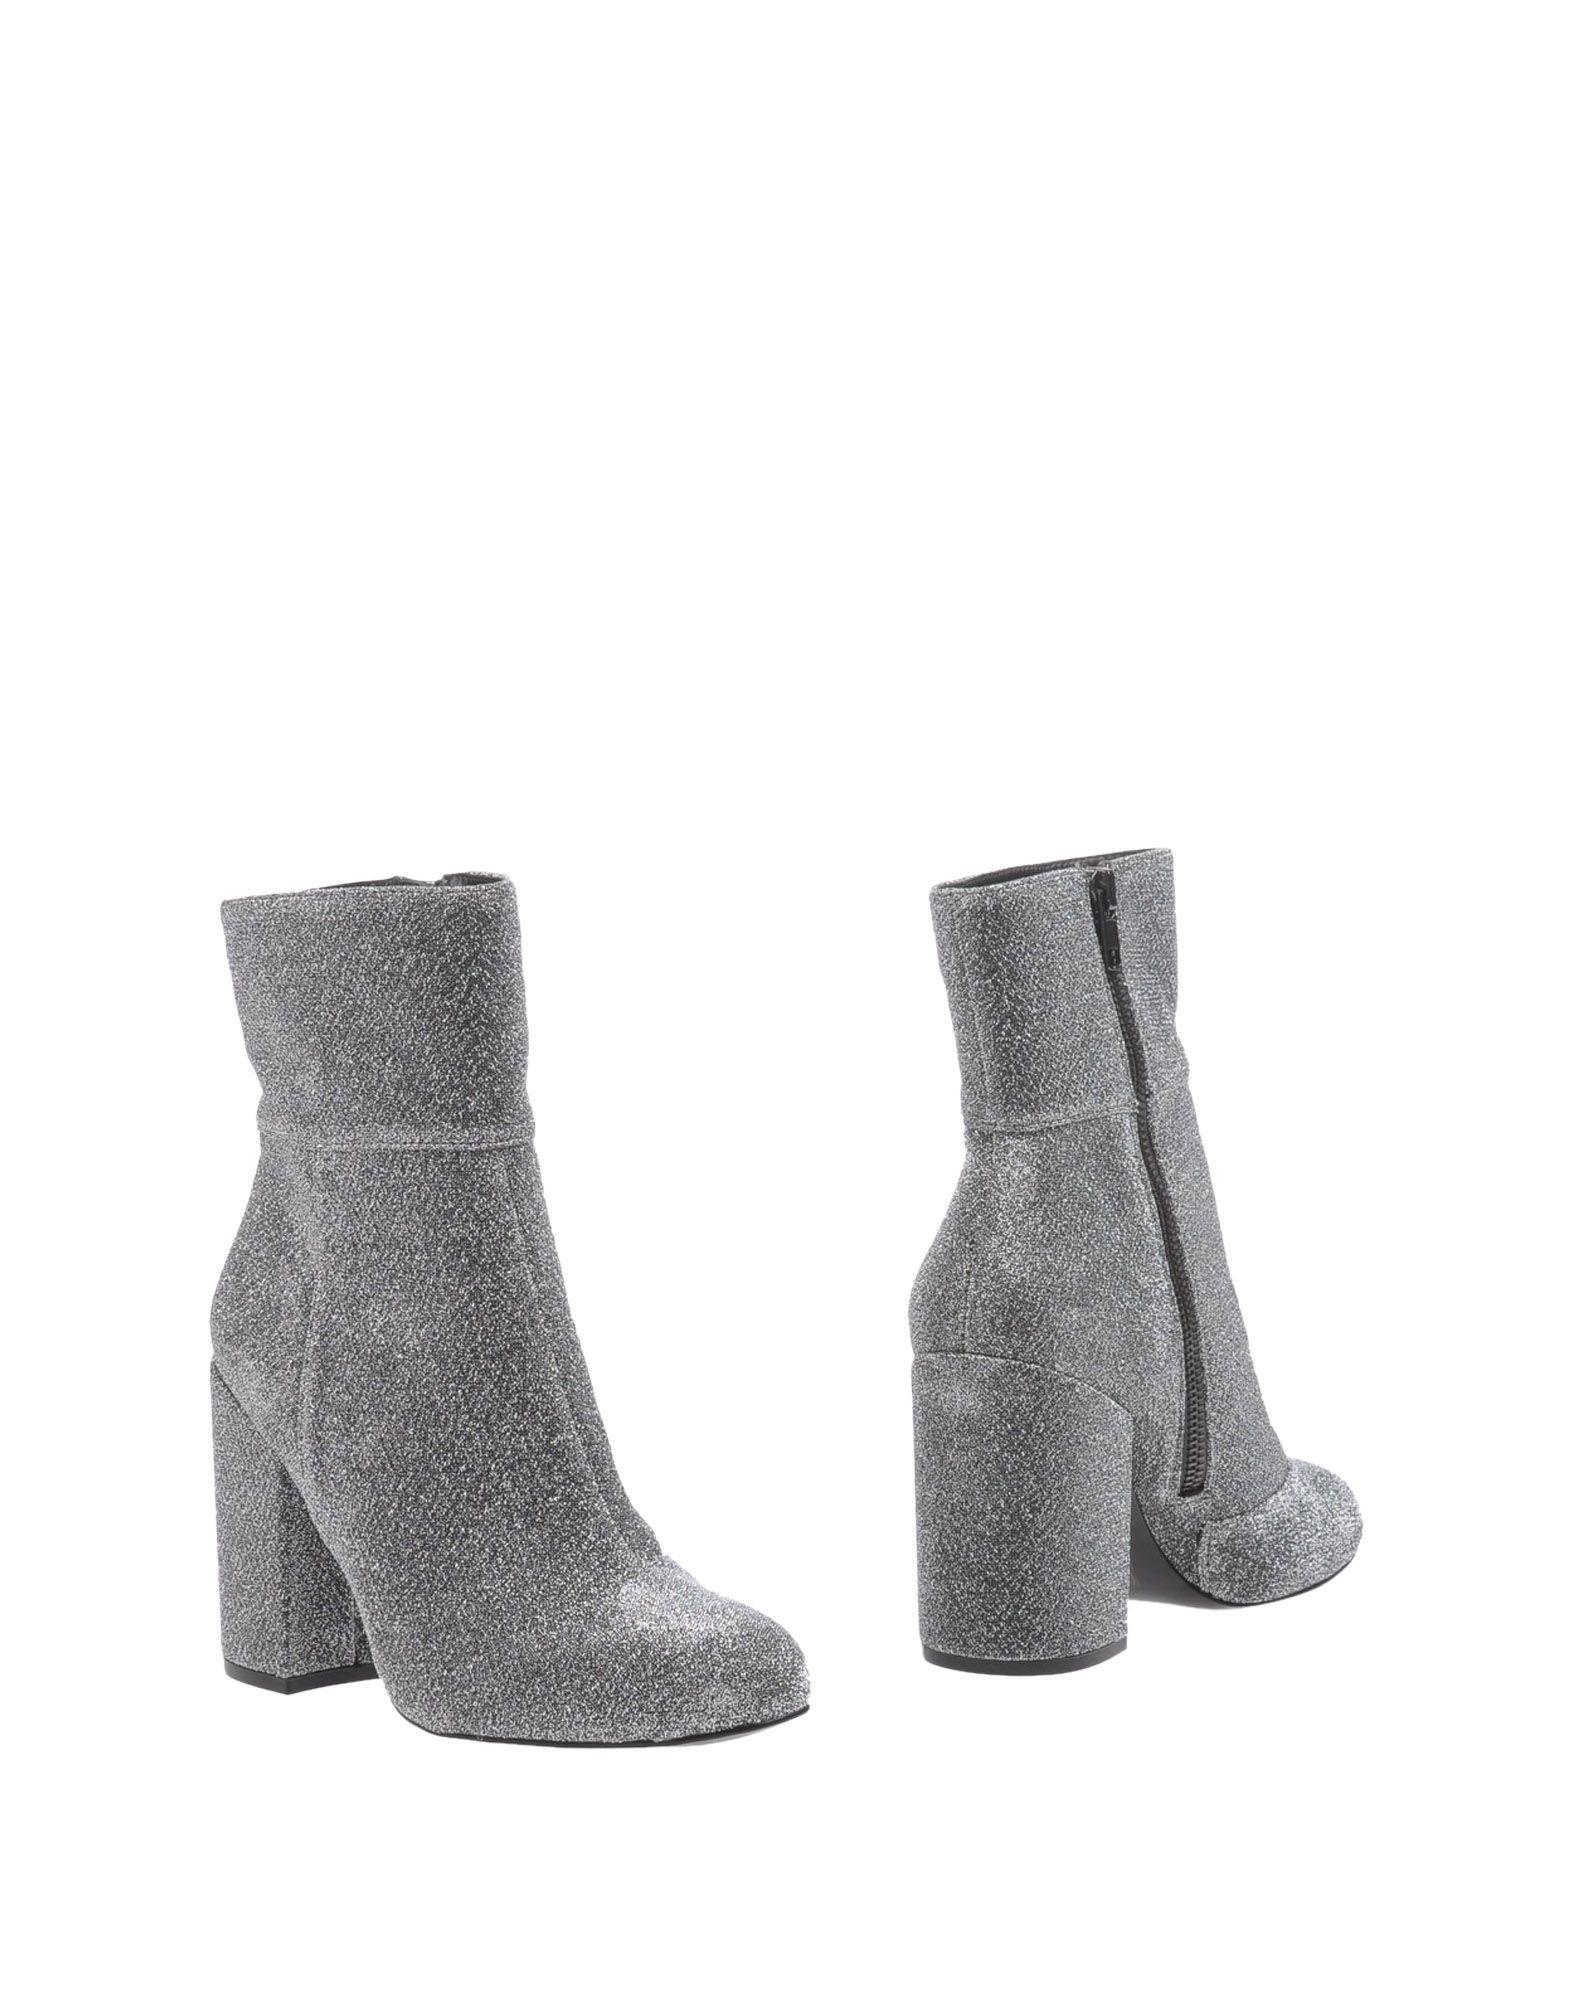 Steve Madden Stiefelette Damen  11216806SE Gute Qualität beliebte Schuhe